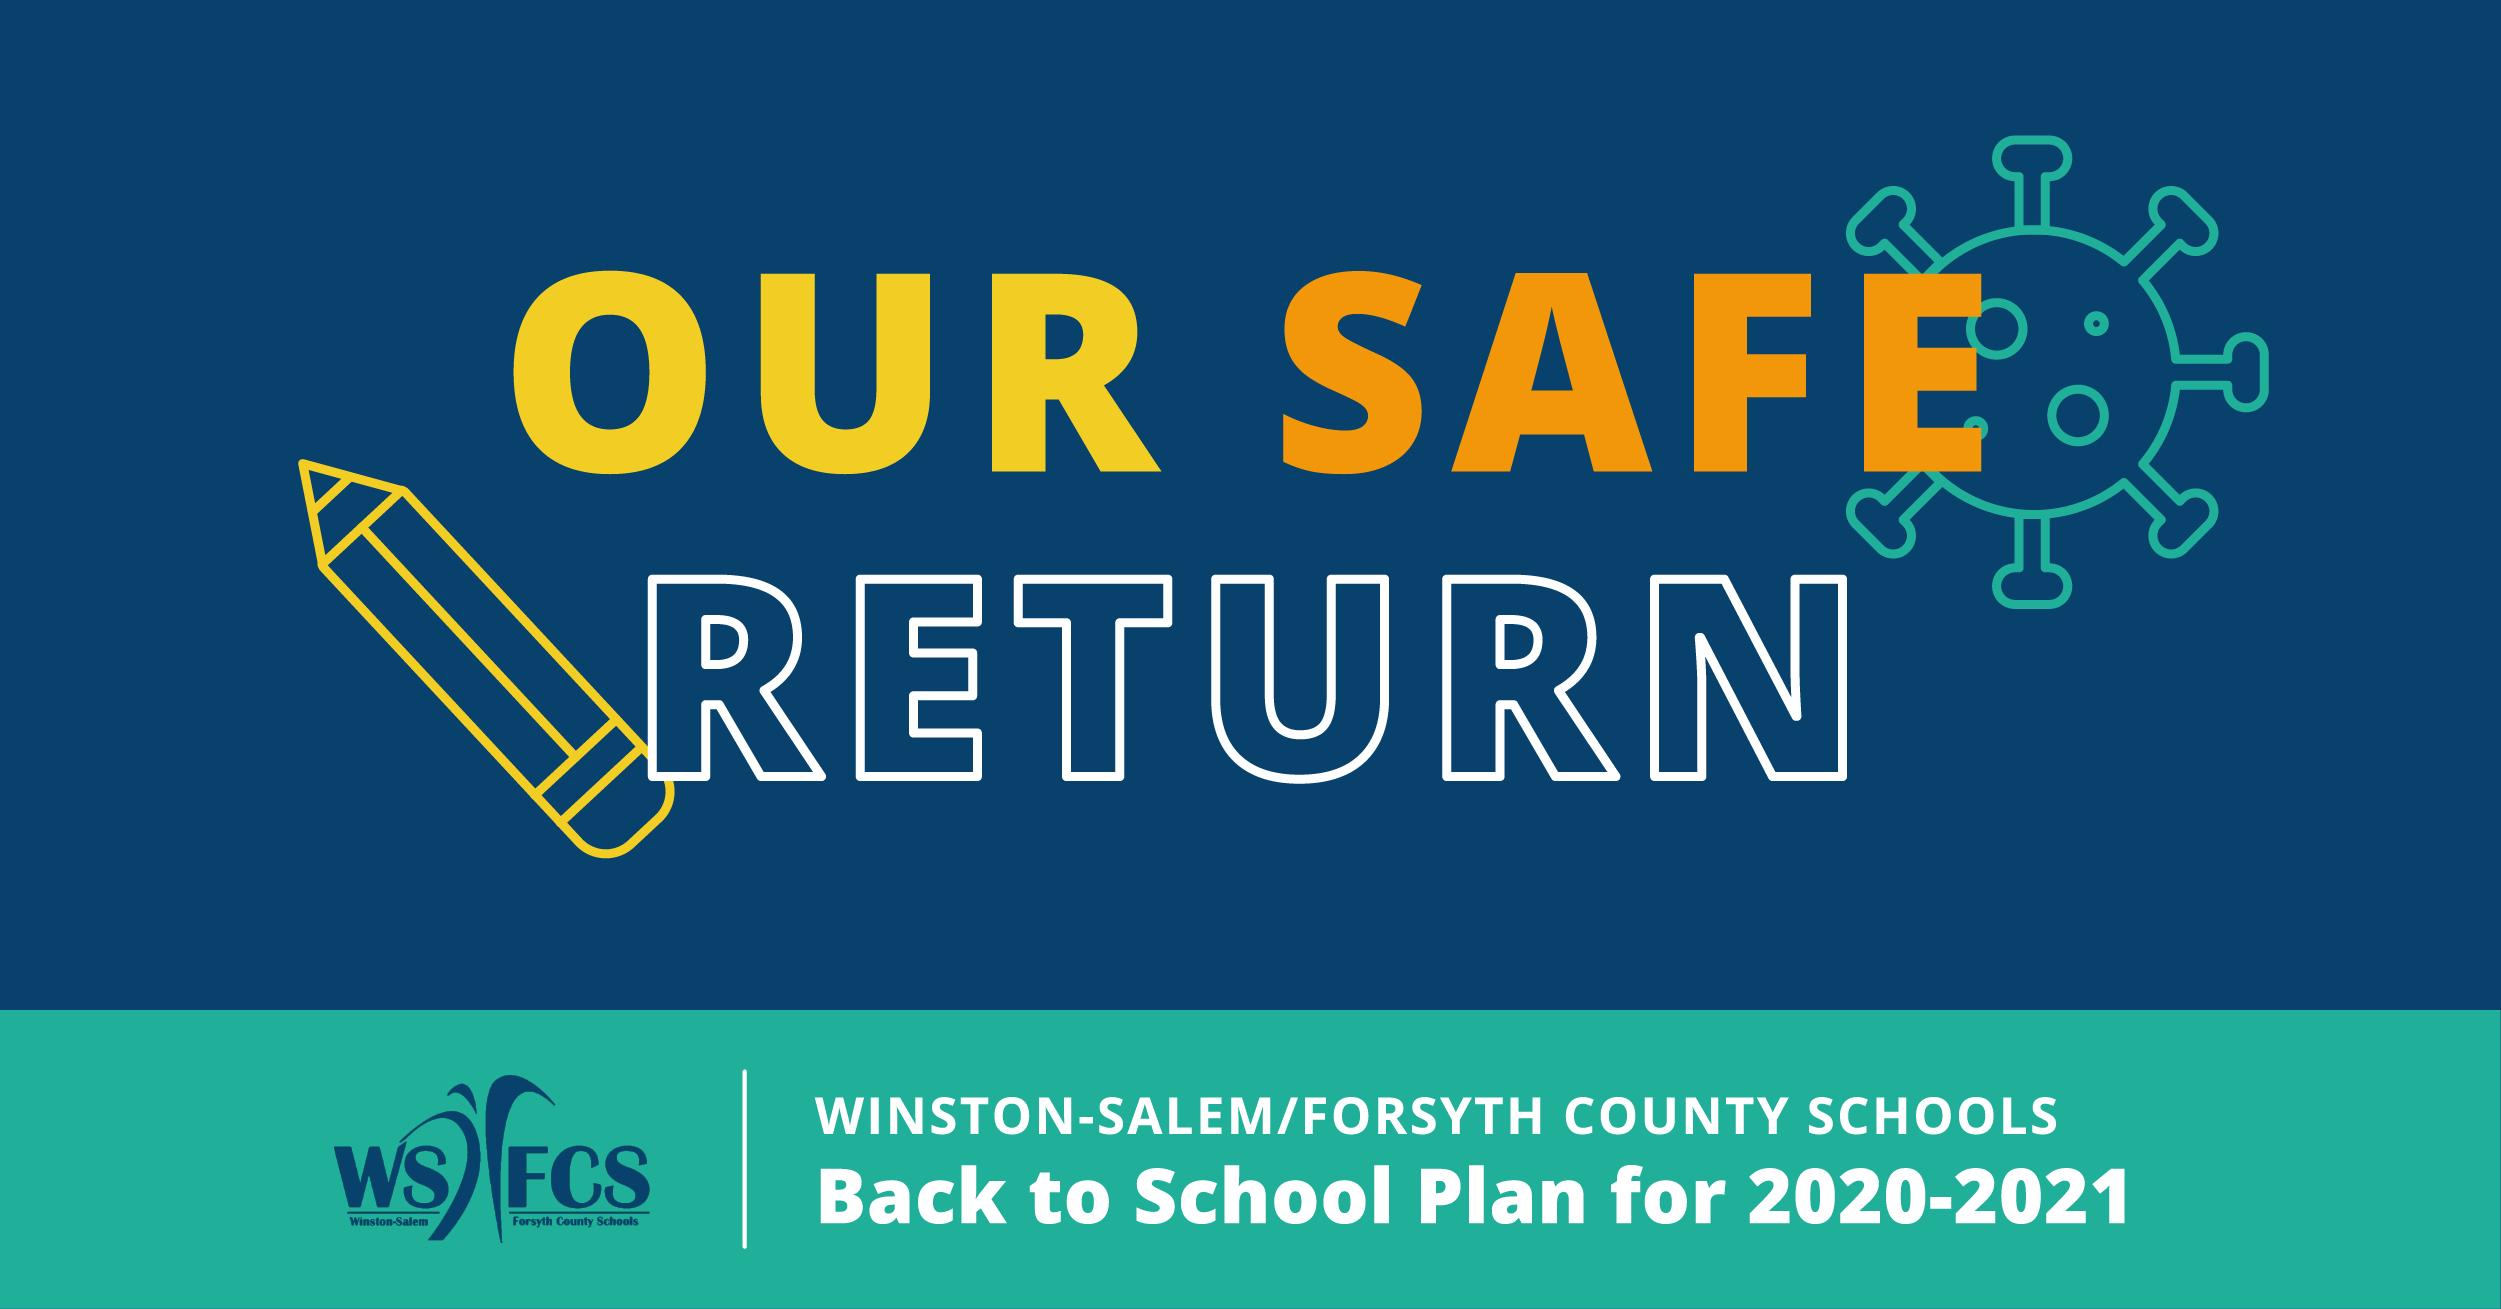 Wsfcs 2021 Calendar Our Safe Return / Our Safe Return